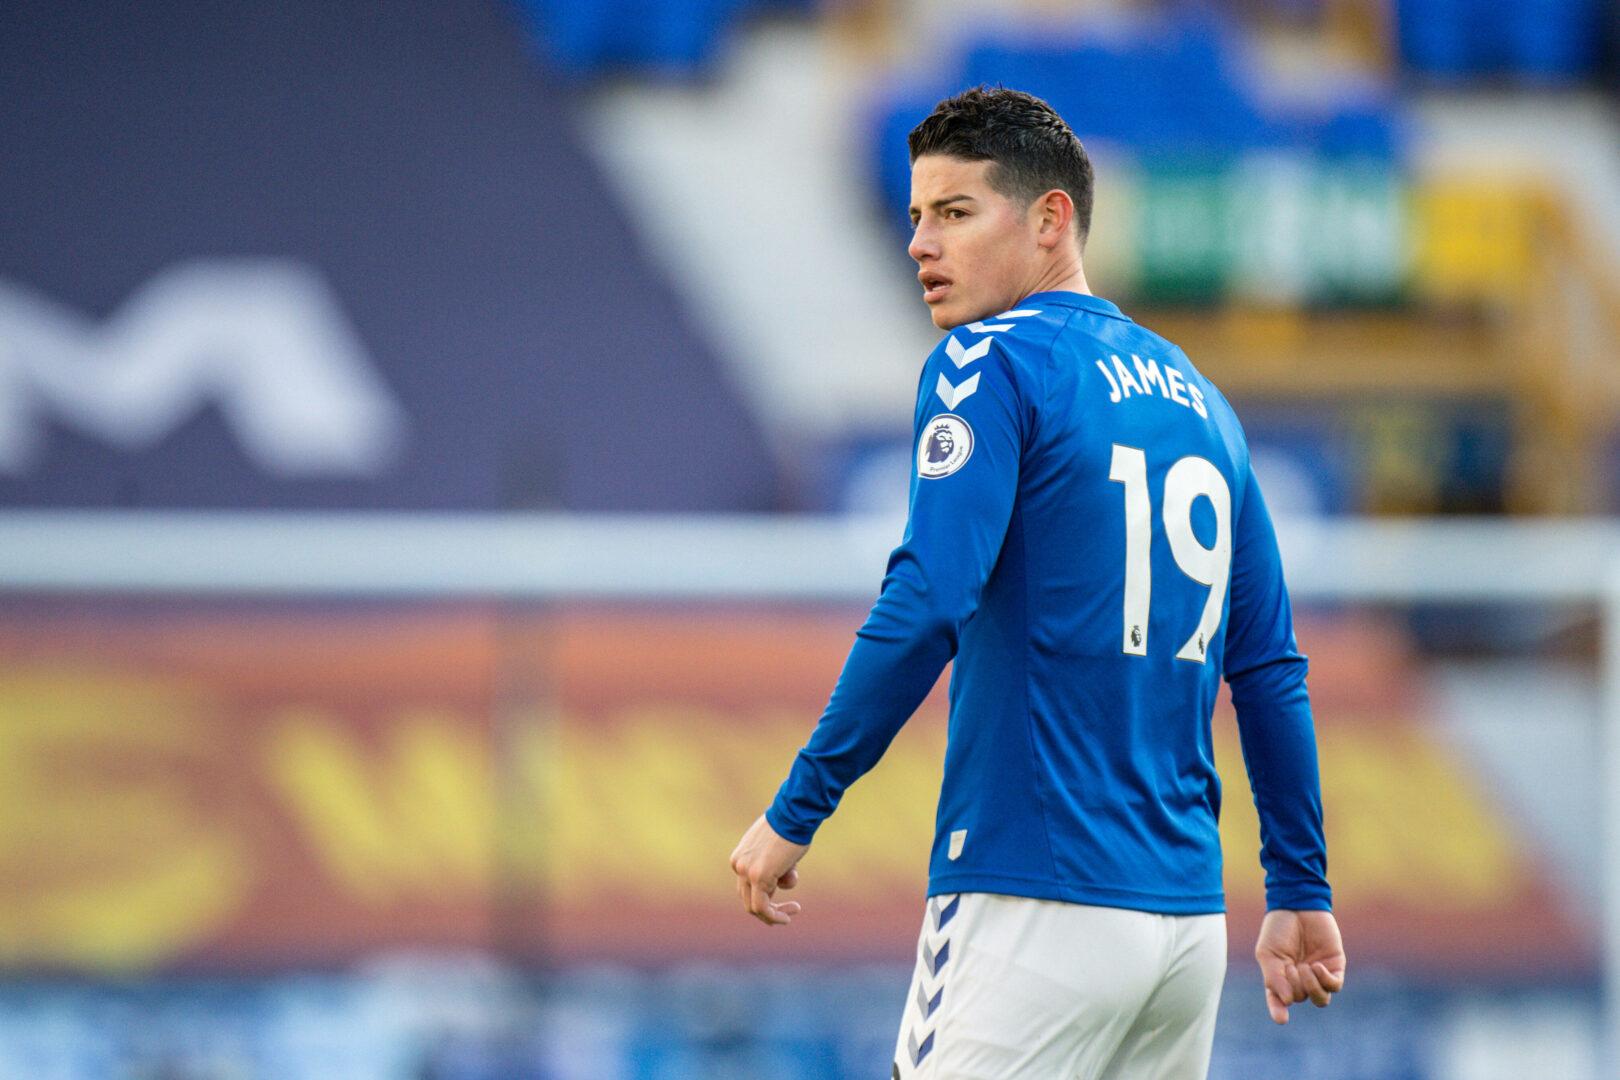 James Rodriguez lief für den FC Everton im Heimspiel gegen Crystal Palace auf. Weitere Einsätze werden wohl nicht mehr hinzugefügt.